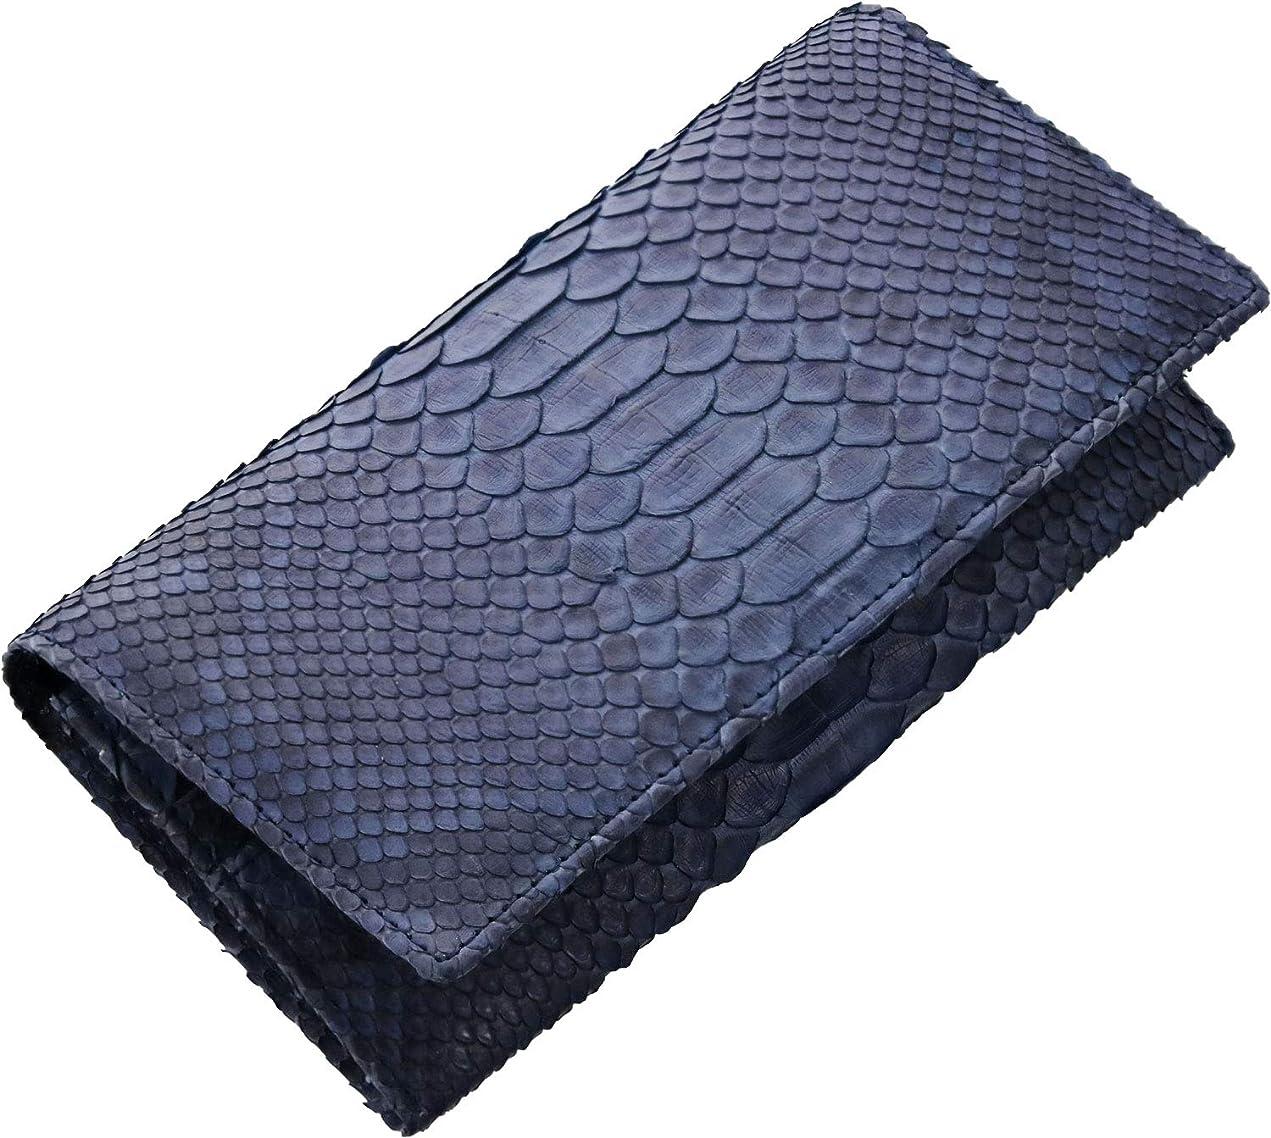 公使館前につなぐヘビ ダイヤモンド パイソン レザー メンズ フラップ かぶせ 長財布 折りたたみ 蛇革